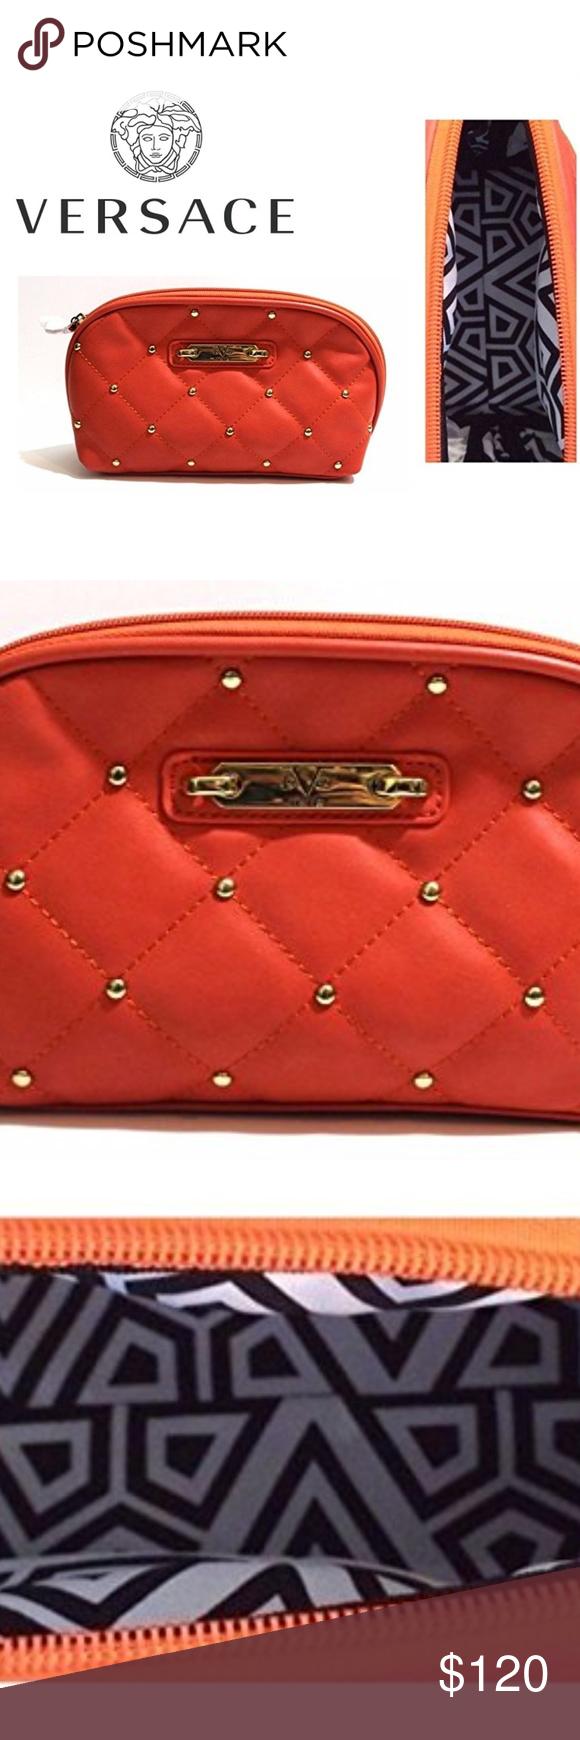 Versace Womens Makeup Bag 19.69 abbigliamento Womens Makeup Bag Versace  19.69 abbigliamento sportivo srl Bag Depth de8417ef6d462